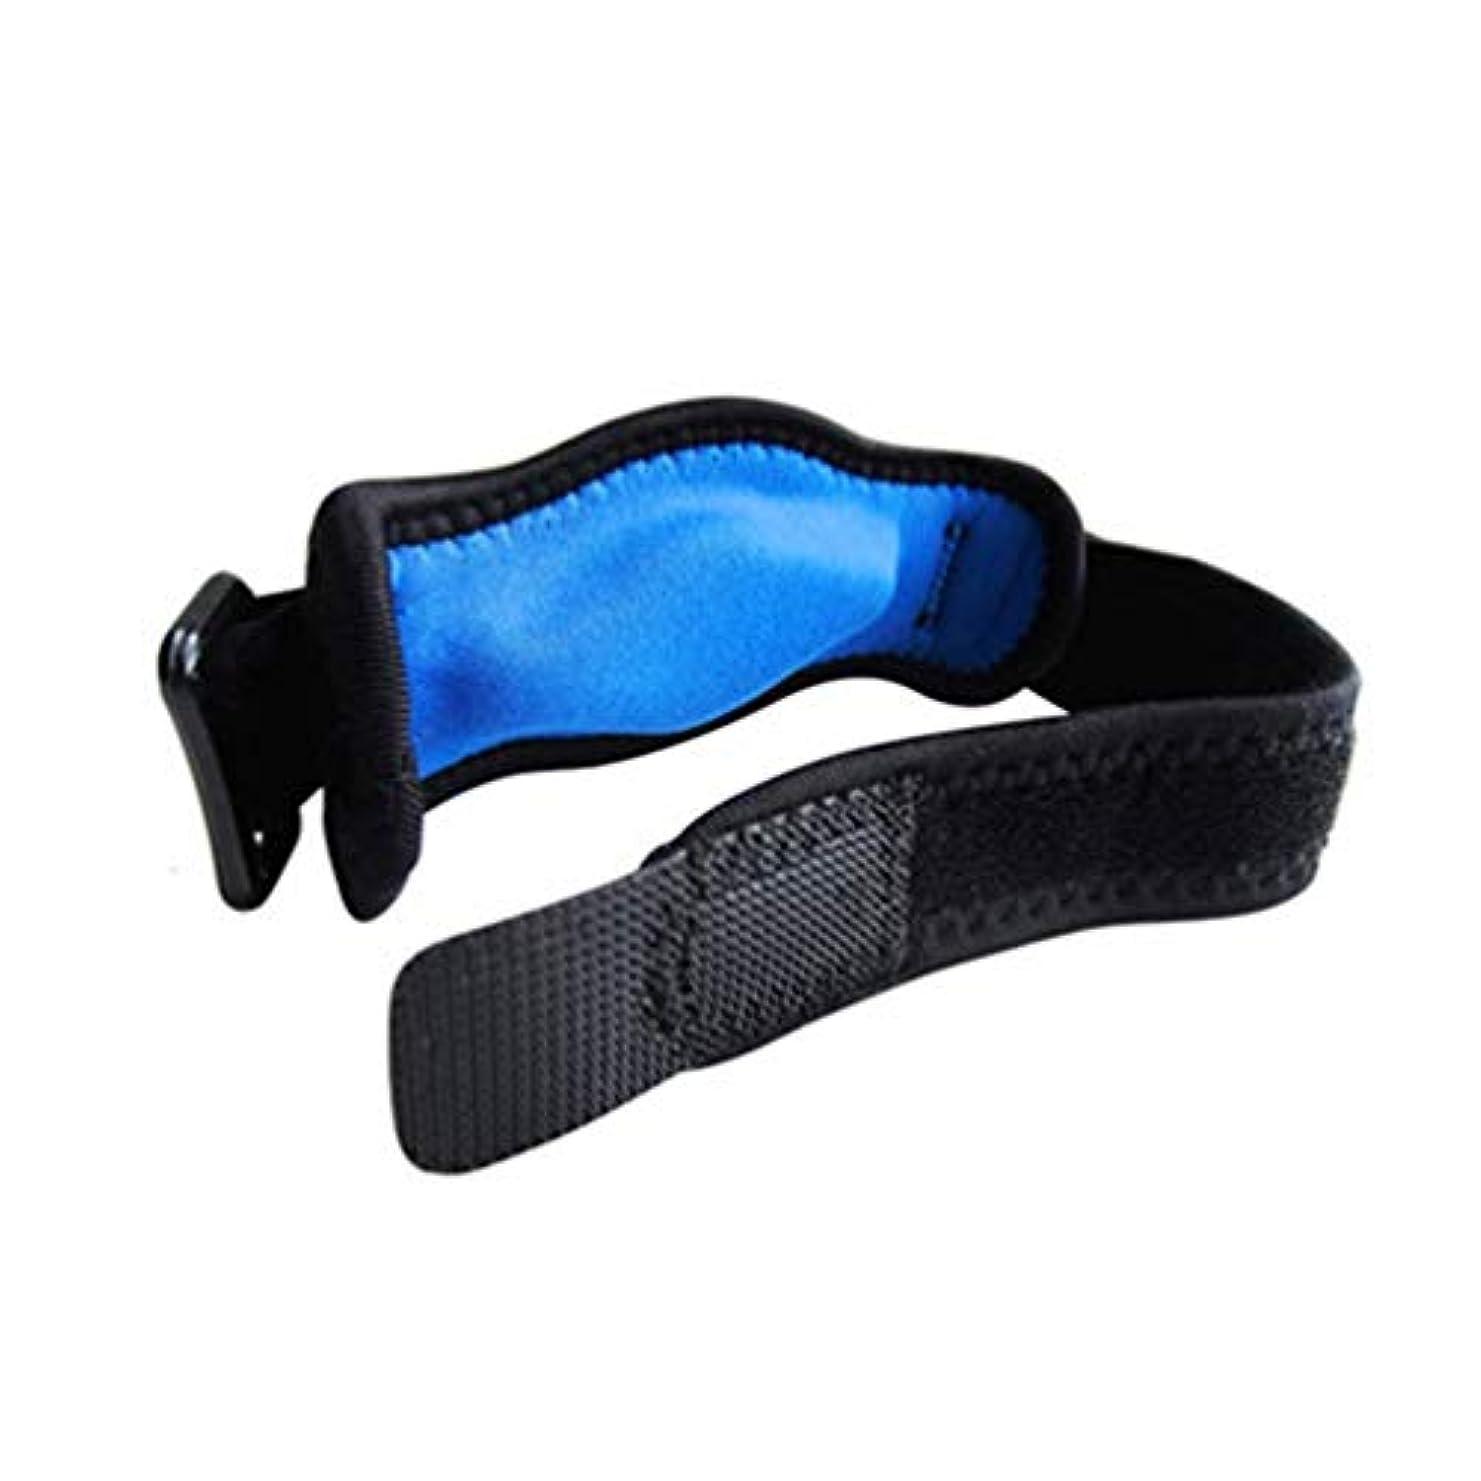 相談する主張着飾る調節可能なテニス肘サポートストラップブレースゴルフ前腕痛み緩和 - 黒